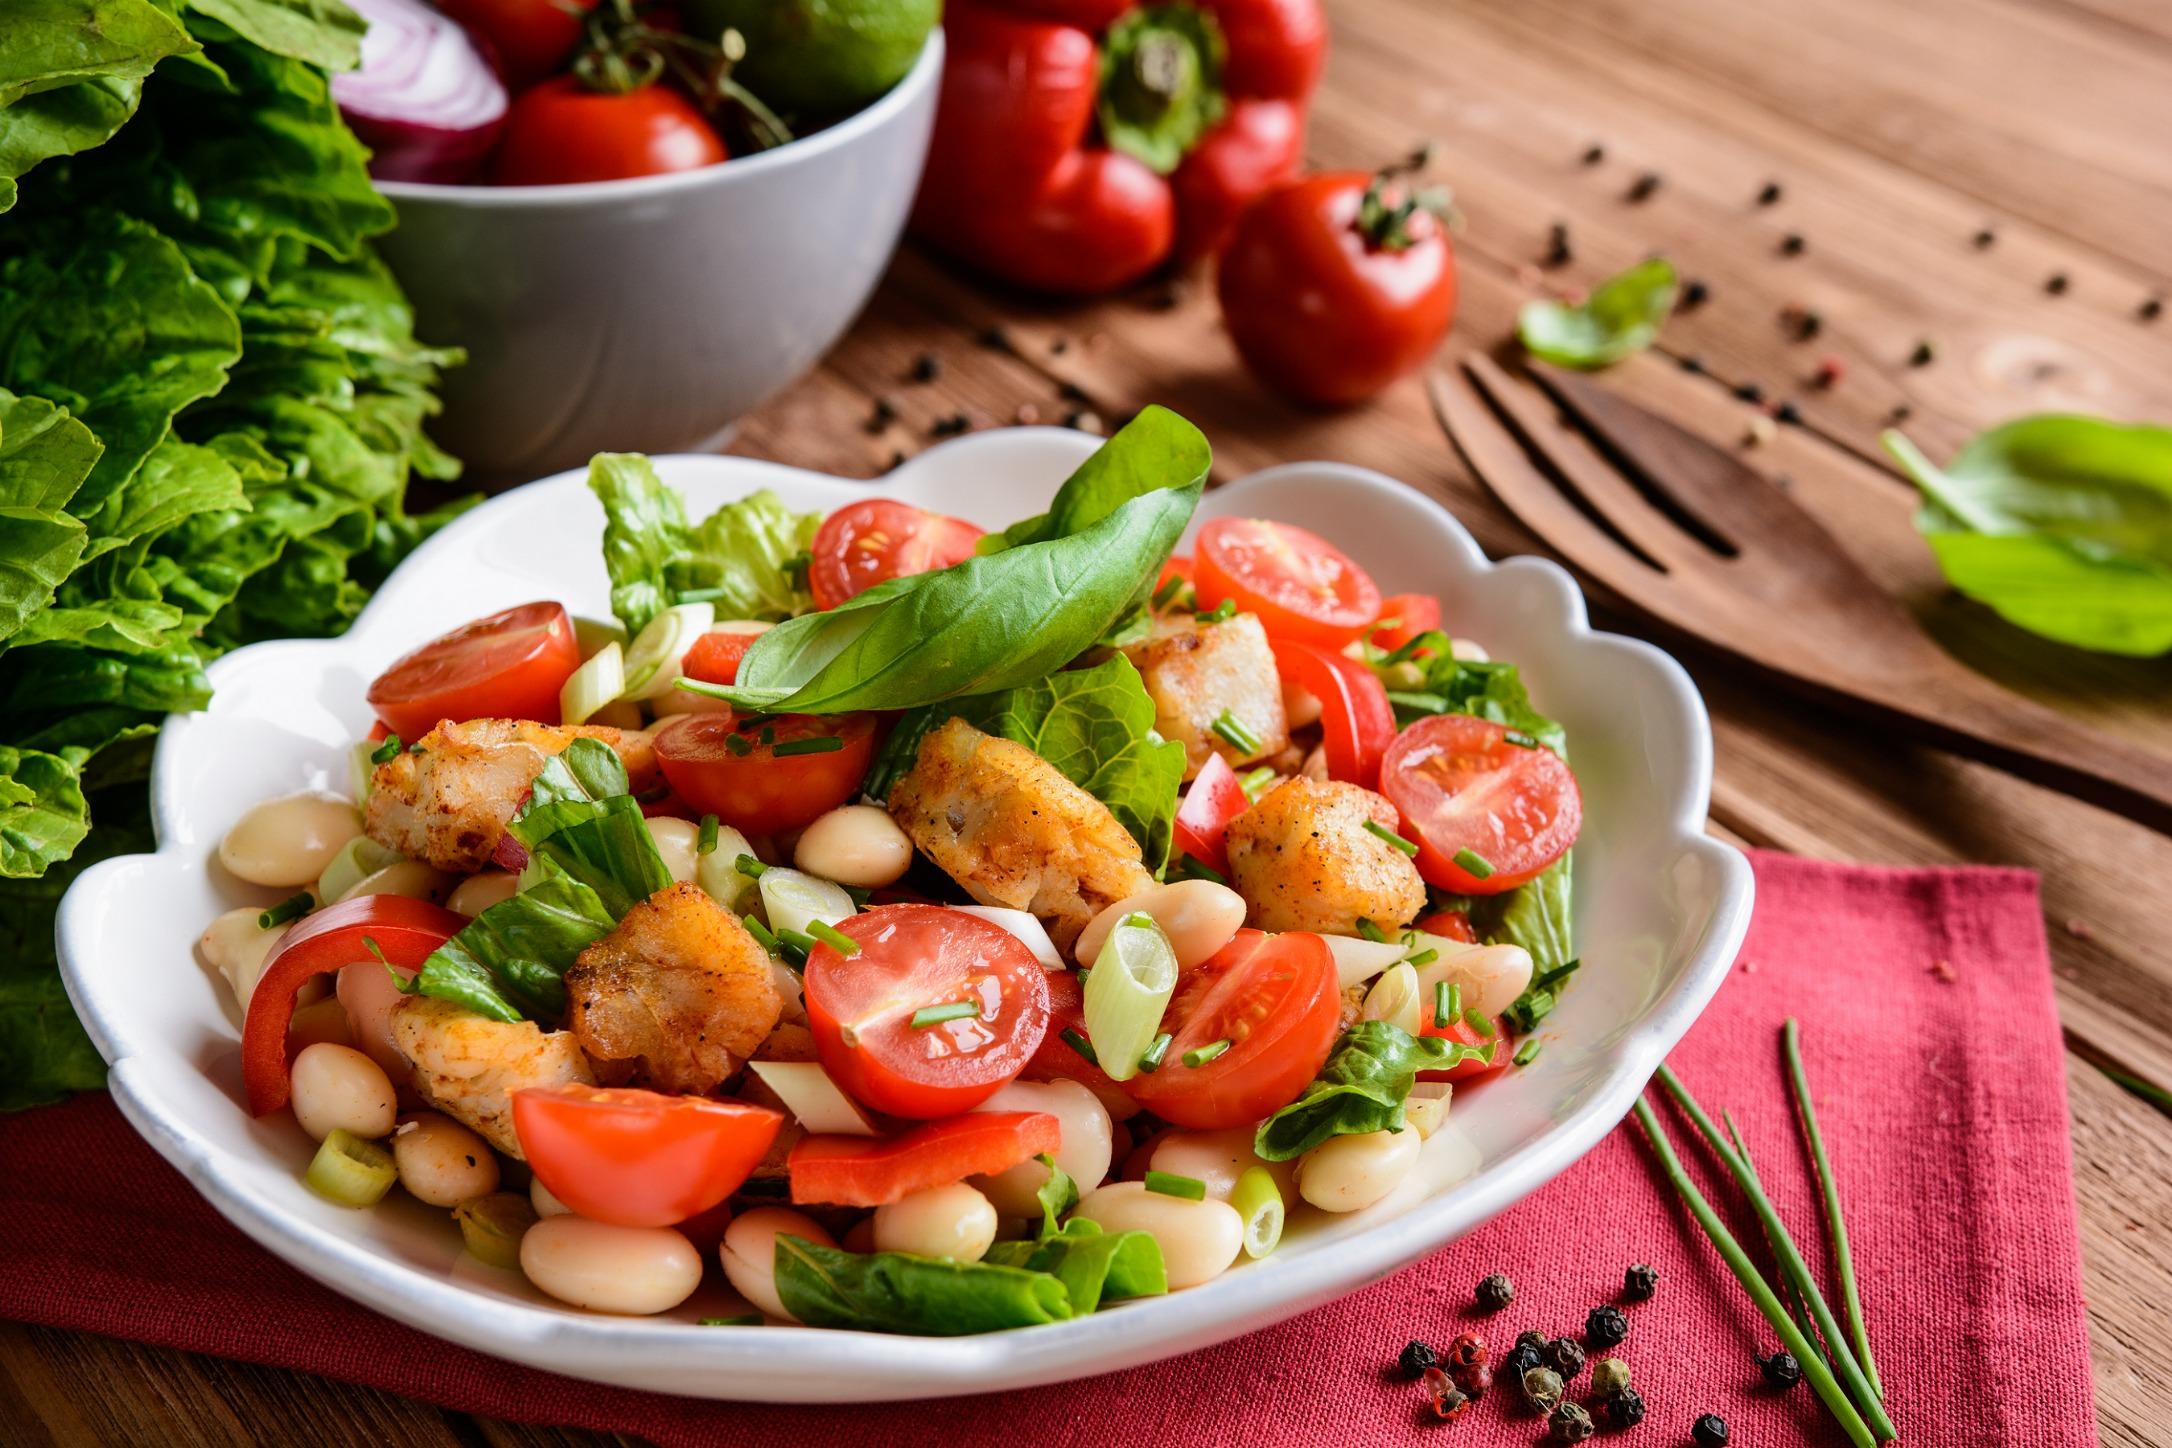 Maaltijdbox-voor-speciale-dieetwensen-vitameals-GoodGirlsCompany